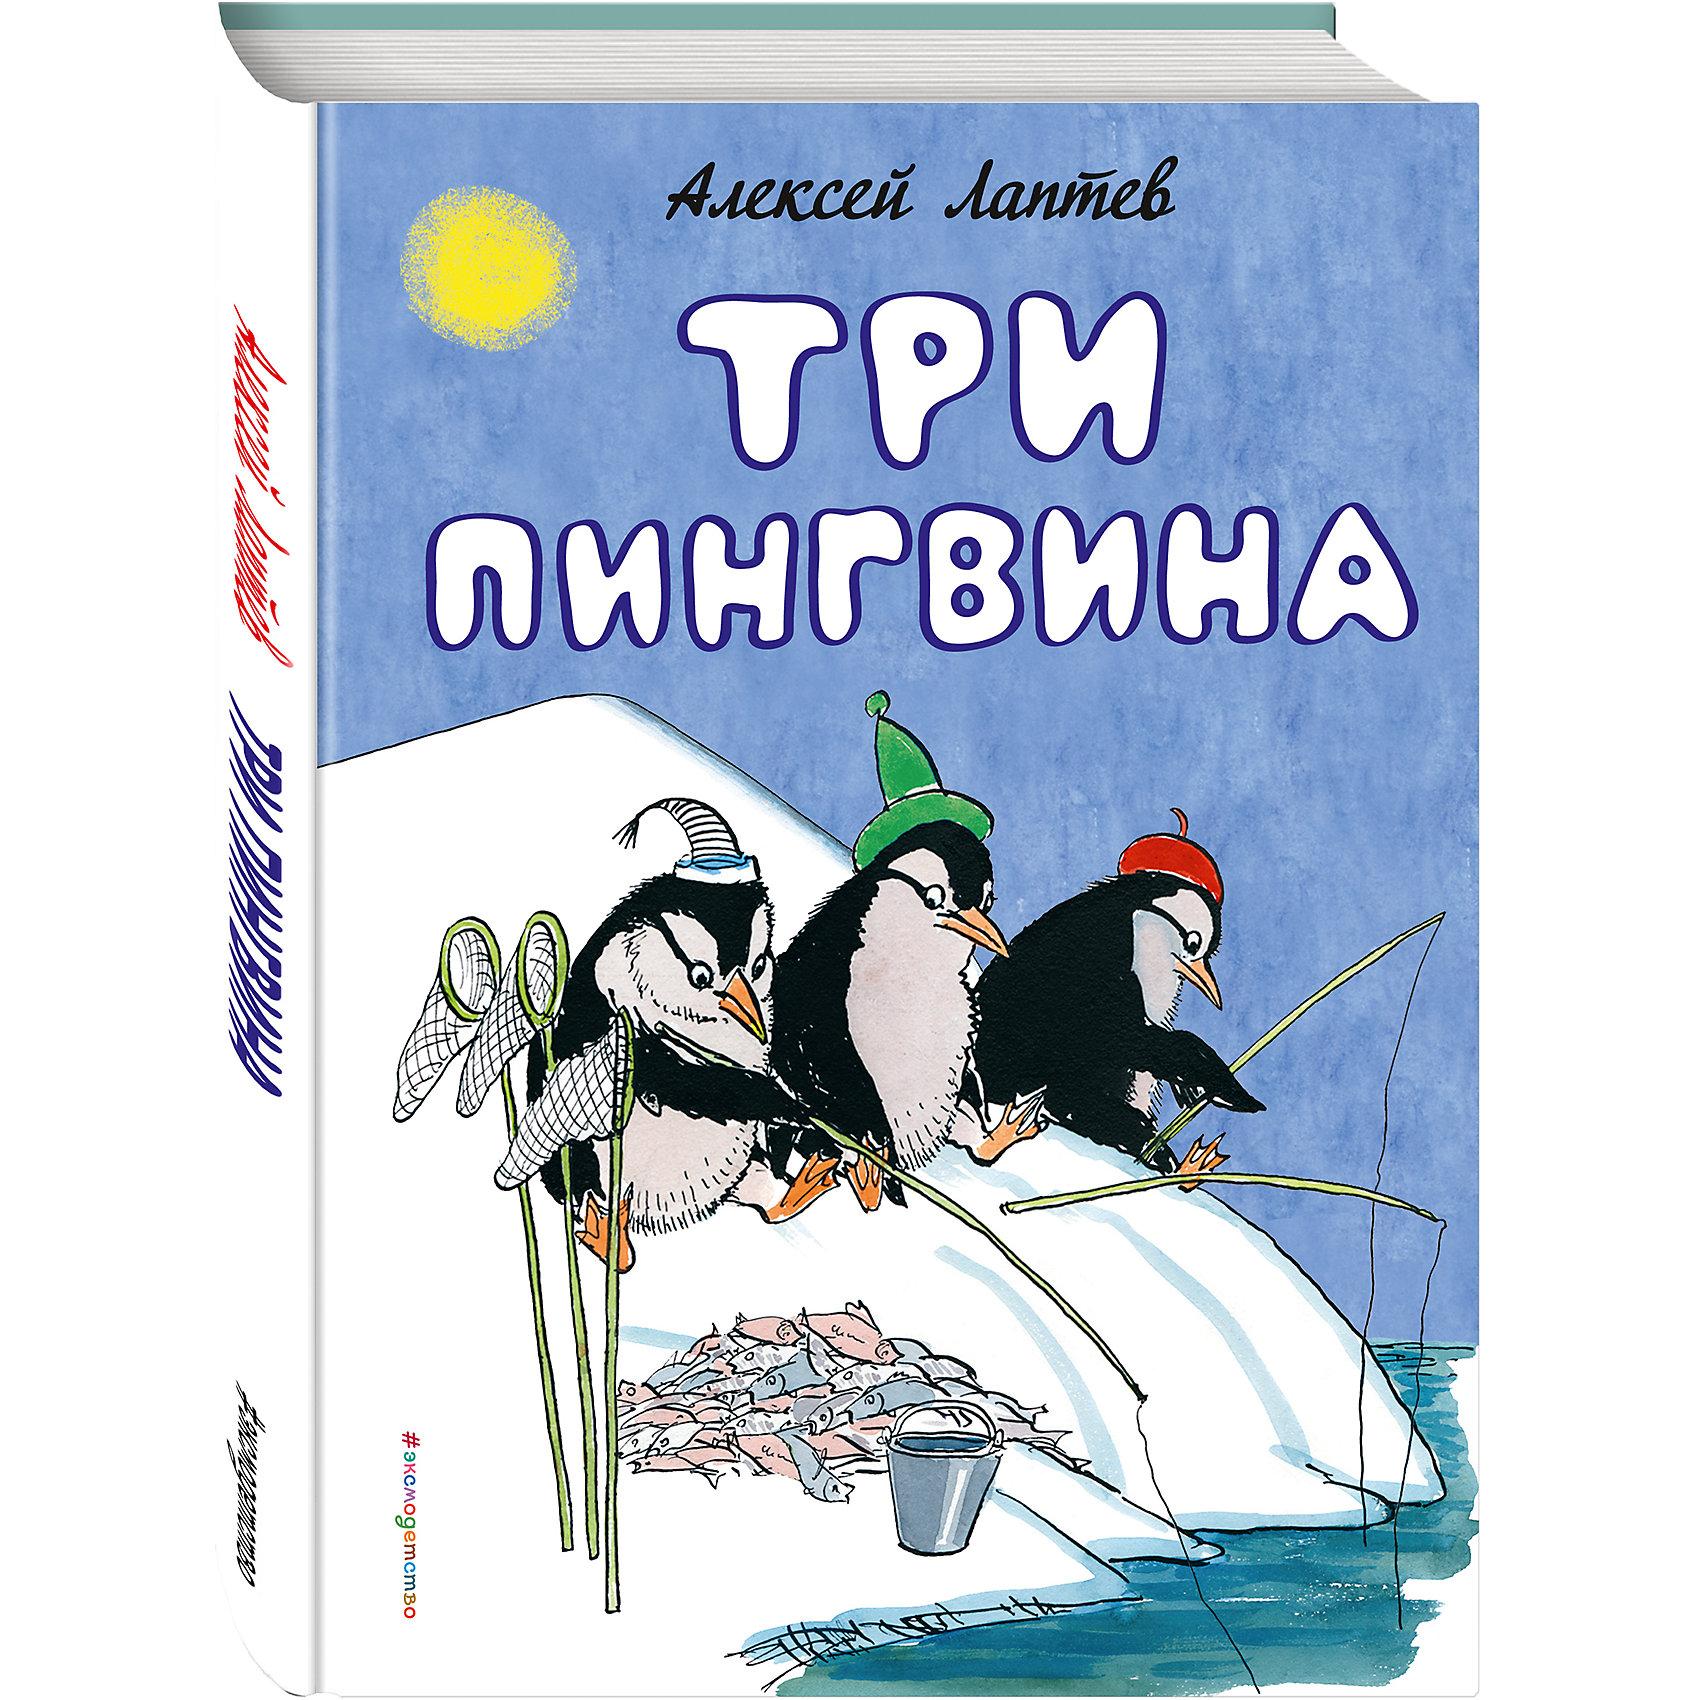 Три пингвинаАлексей Михайлович Лаптев известен, прежде всего, как гениальный иллюстратор детских книг. Но в этой книжке ему принадлежат не только иллюстрации, но еще и стихи, наполненные добрым детским юмором. Простые и по ритму, и по рифме они напоминают считалочки и очень легко запоминаются детьми. А картинки хочется рассматривать снова и снова. Эта небольшая книга яркая и разножанровая. Она продолжает добрые традиции легендарного журнала Весёлые картинки, в котором со дна его основания работал А. М. Лаптев. Есть в ней и загадки, и стихи с заданиями, и весёлые истории в картинках. Эту книгу можно читать и рассматривать с детьми разных возрастов.<br>Для старшего дошкольного возраста.<br><br>Ширина мм: 243<br>Глубина мм: 175<br>Высота мм: 10<br>Вес г: 319<br>Возраст от месяцев: 36<br>Возраст до месяцев: 72<br>Пол: Унисекс<br>Возраст: Детский<br>SKU: 5004993